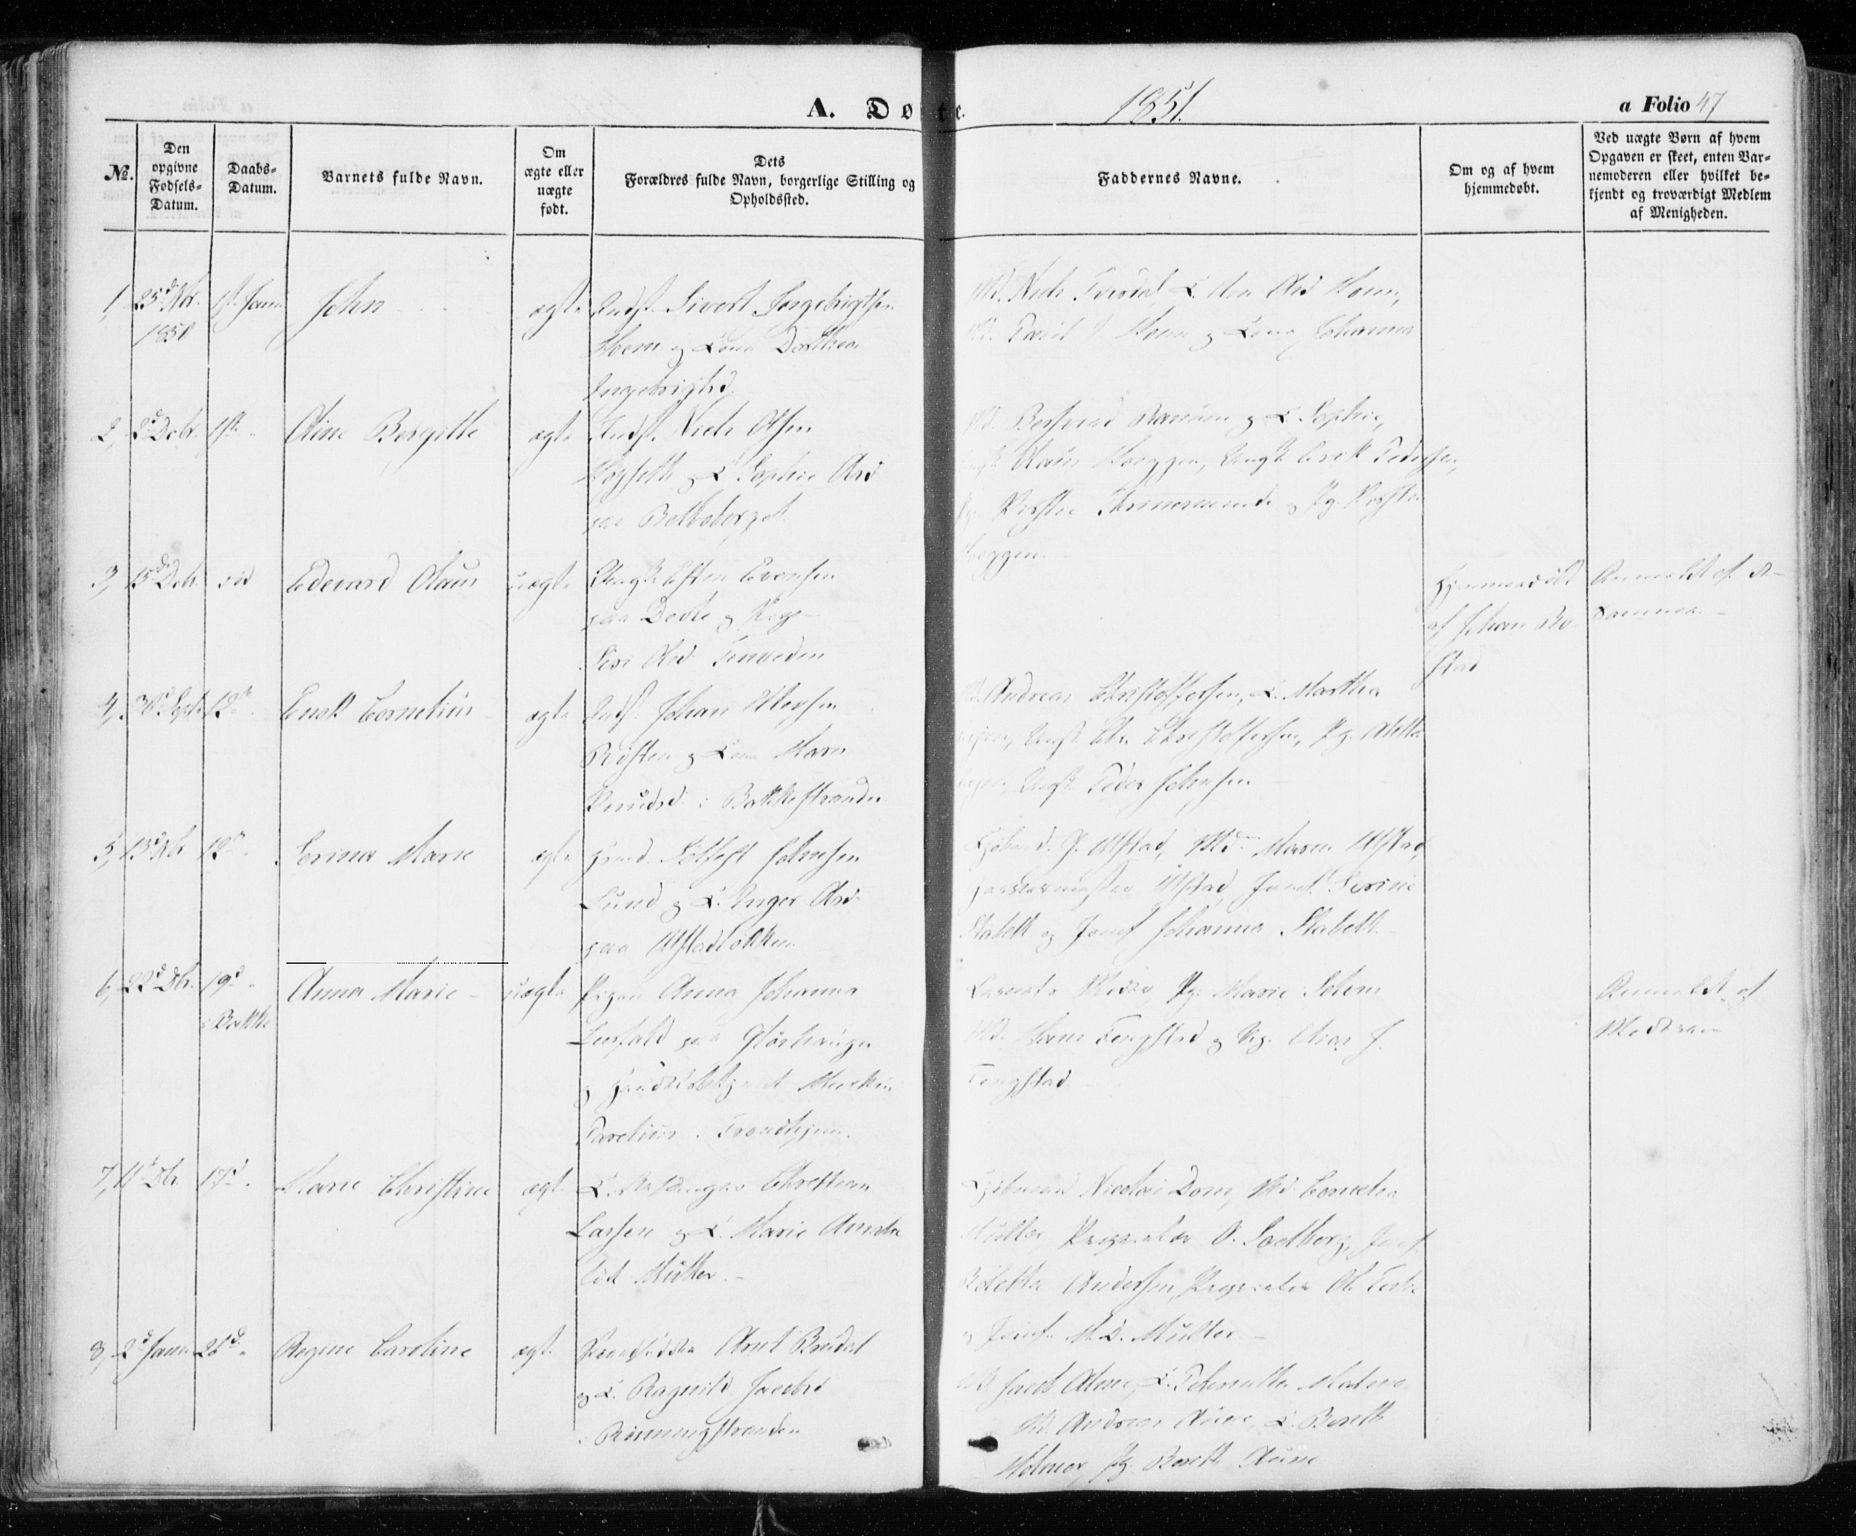 SAT, Ministerialprotokoller, klokkerbøker og fødselsregistre - Sør-Trøndelag, 606/L0291: Ministerialbok nr. 606A06, 1848-1856, s. 47